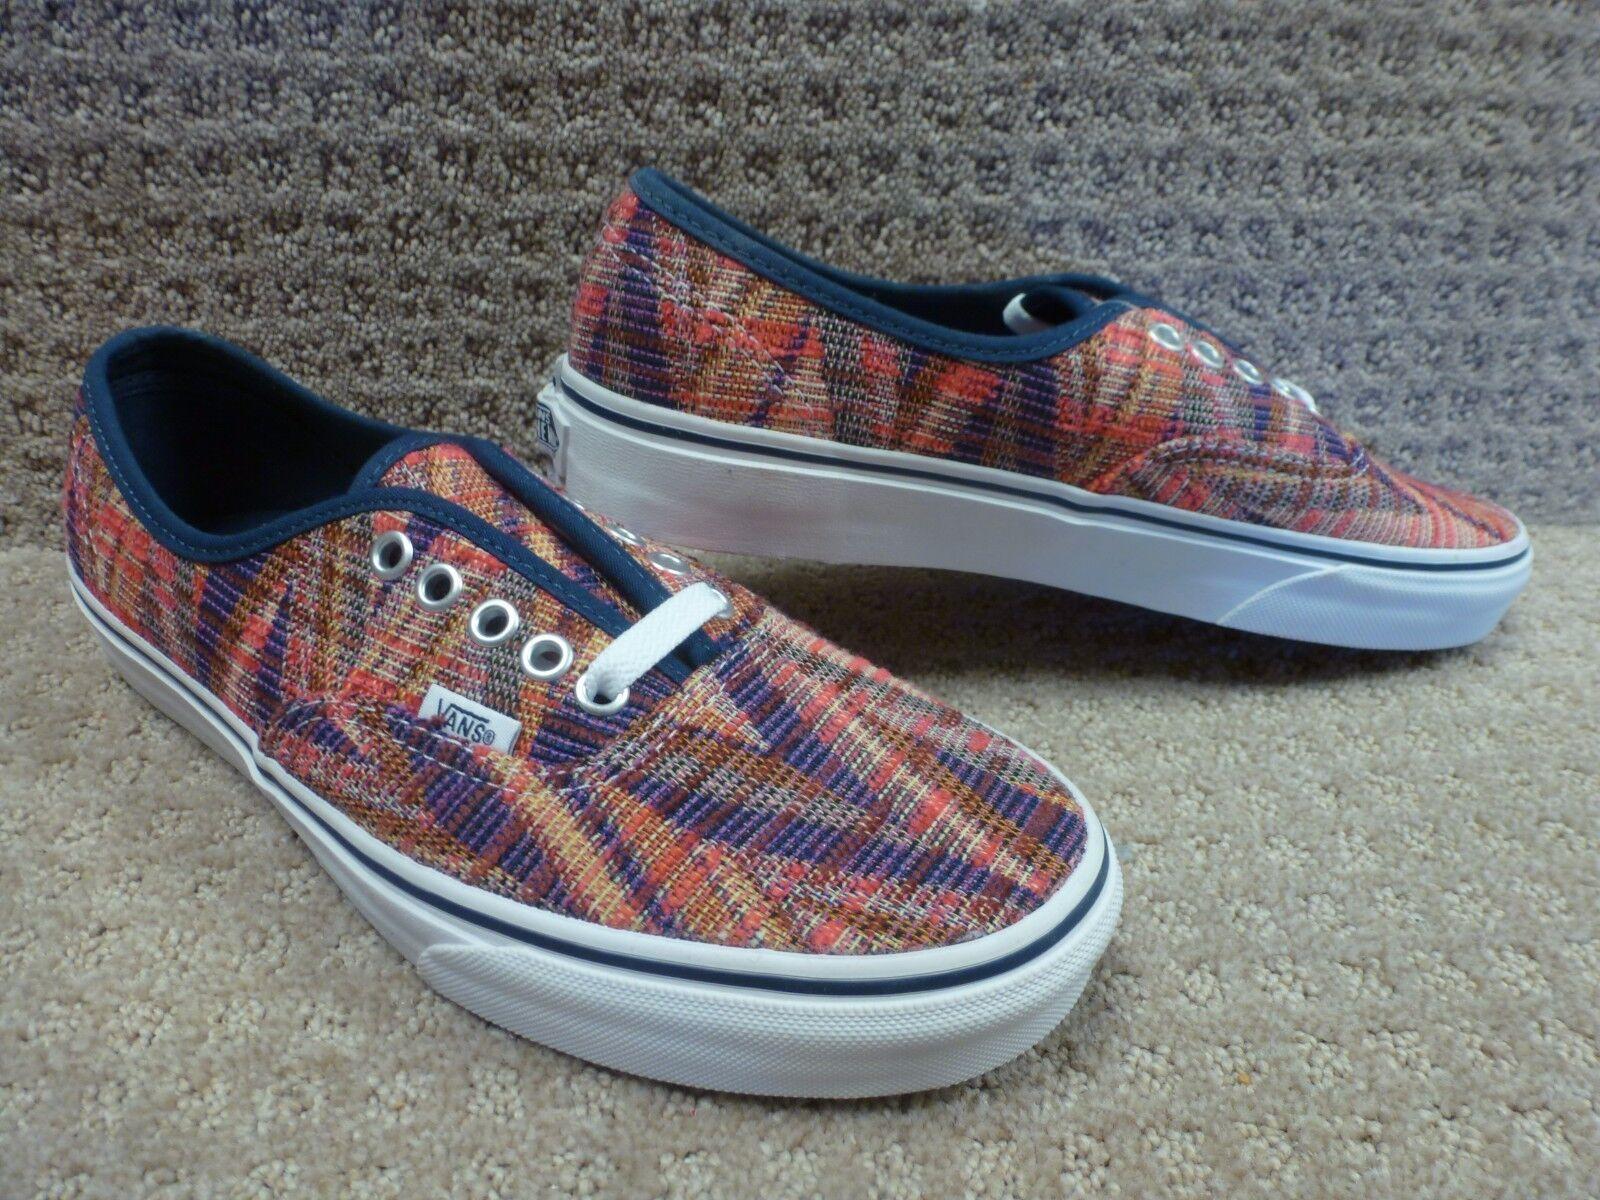 Vans Men's shoes Authentic -- (Woven Chevron) Pink TrWht